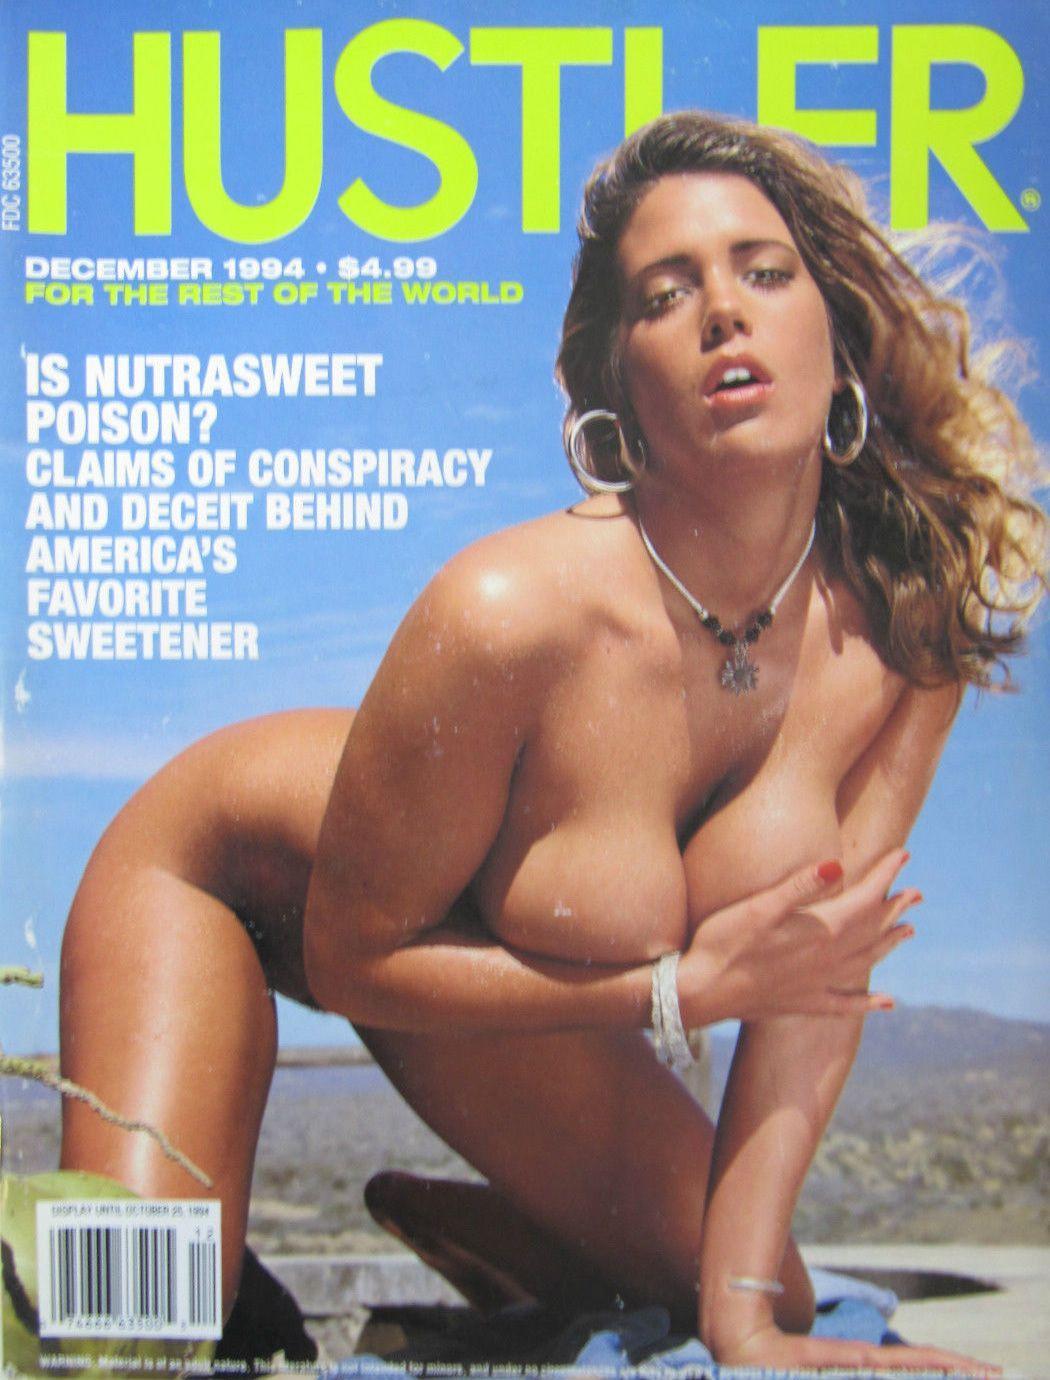 Hustler december 1994 back issues